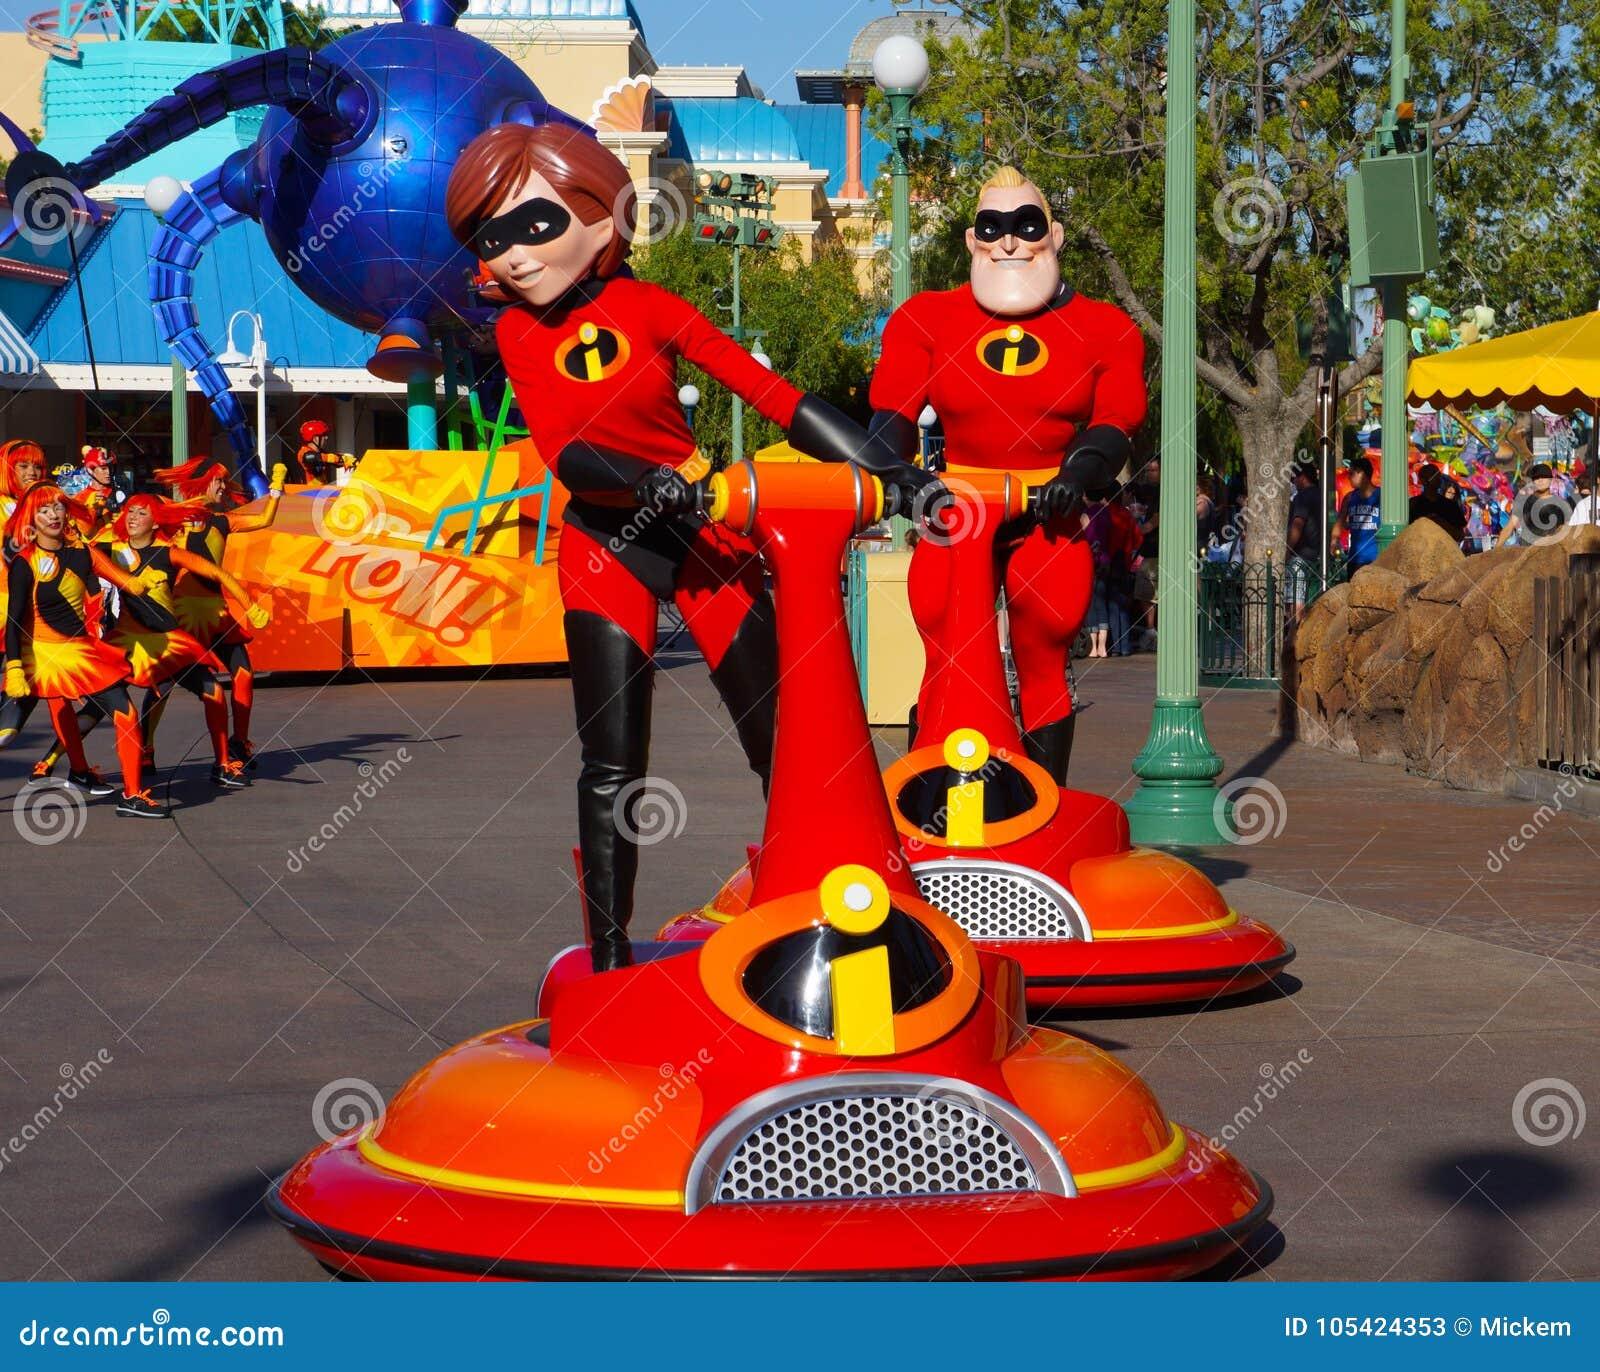 Desfile de Disneyland Pixar el Incredibles